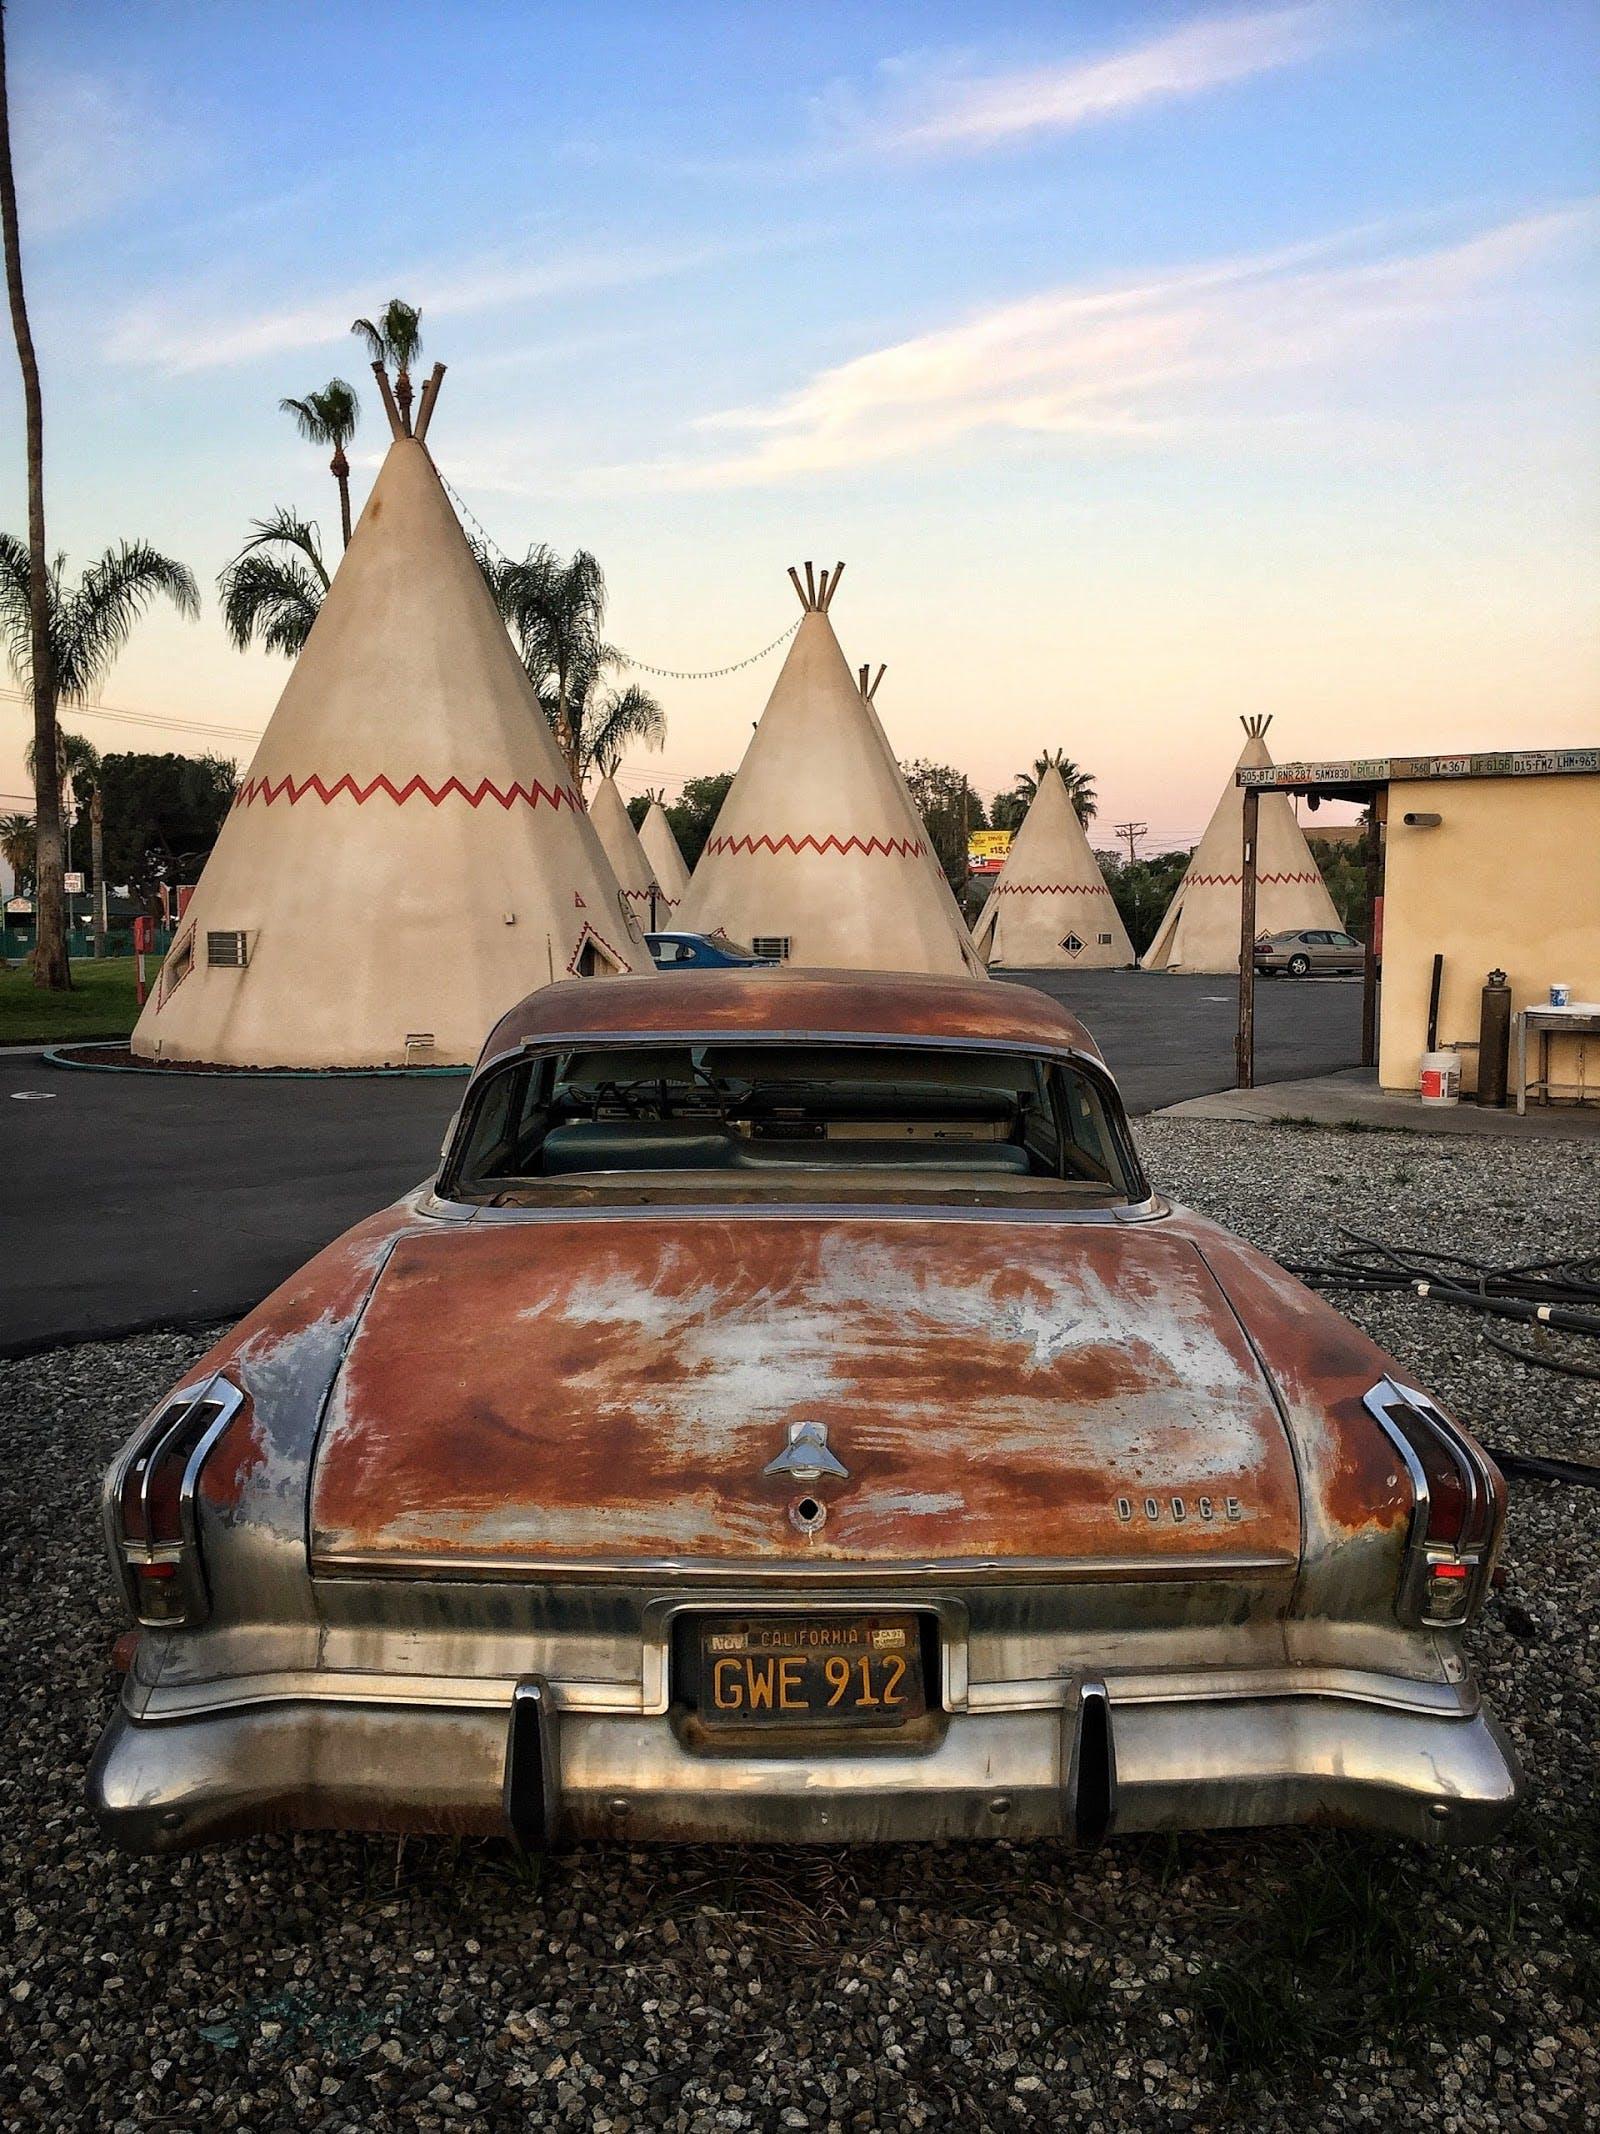 Kostenloses Stock Foto zu amerikanisch, amerikanischer ureinwohner, amerikanisches auto, auto